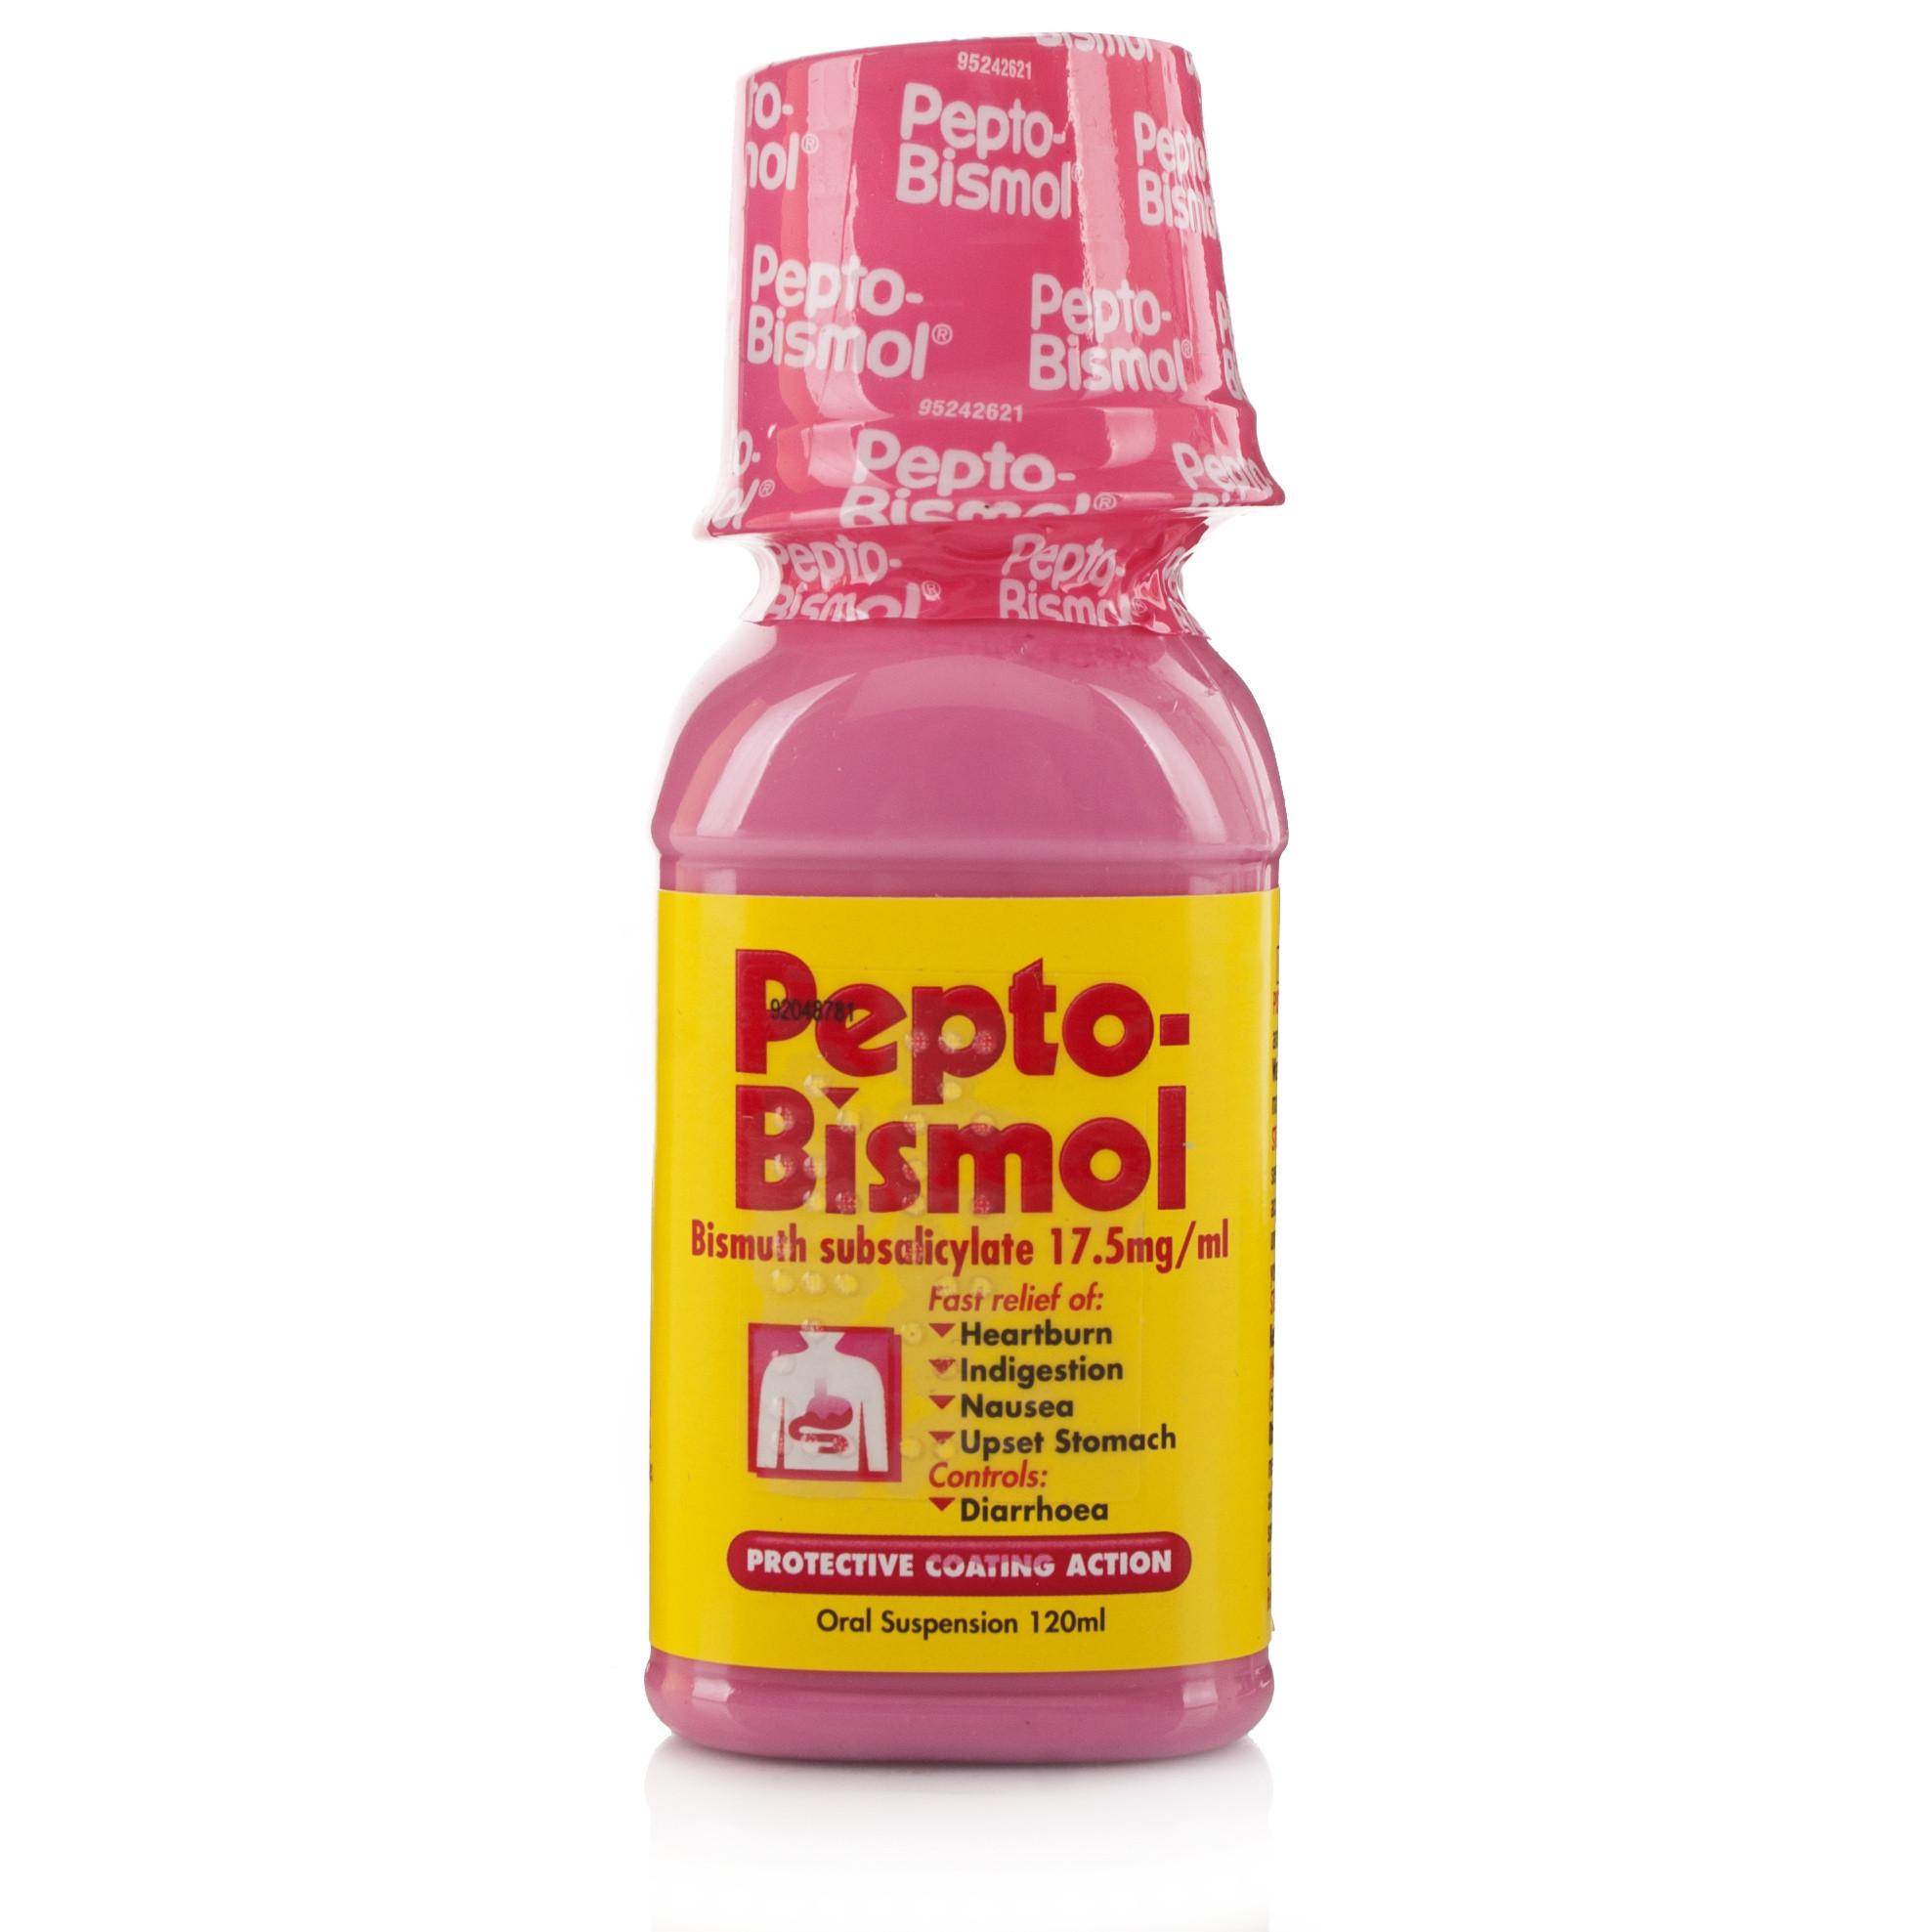 Pepto-Bismol Oral Suspension